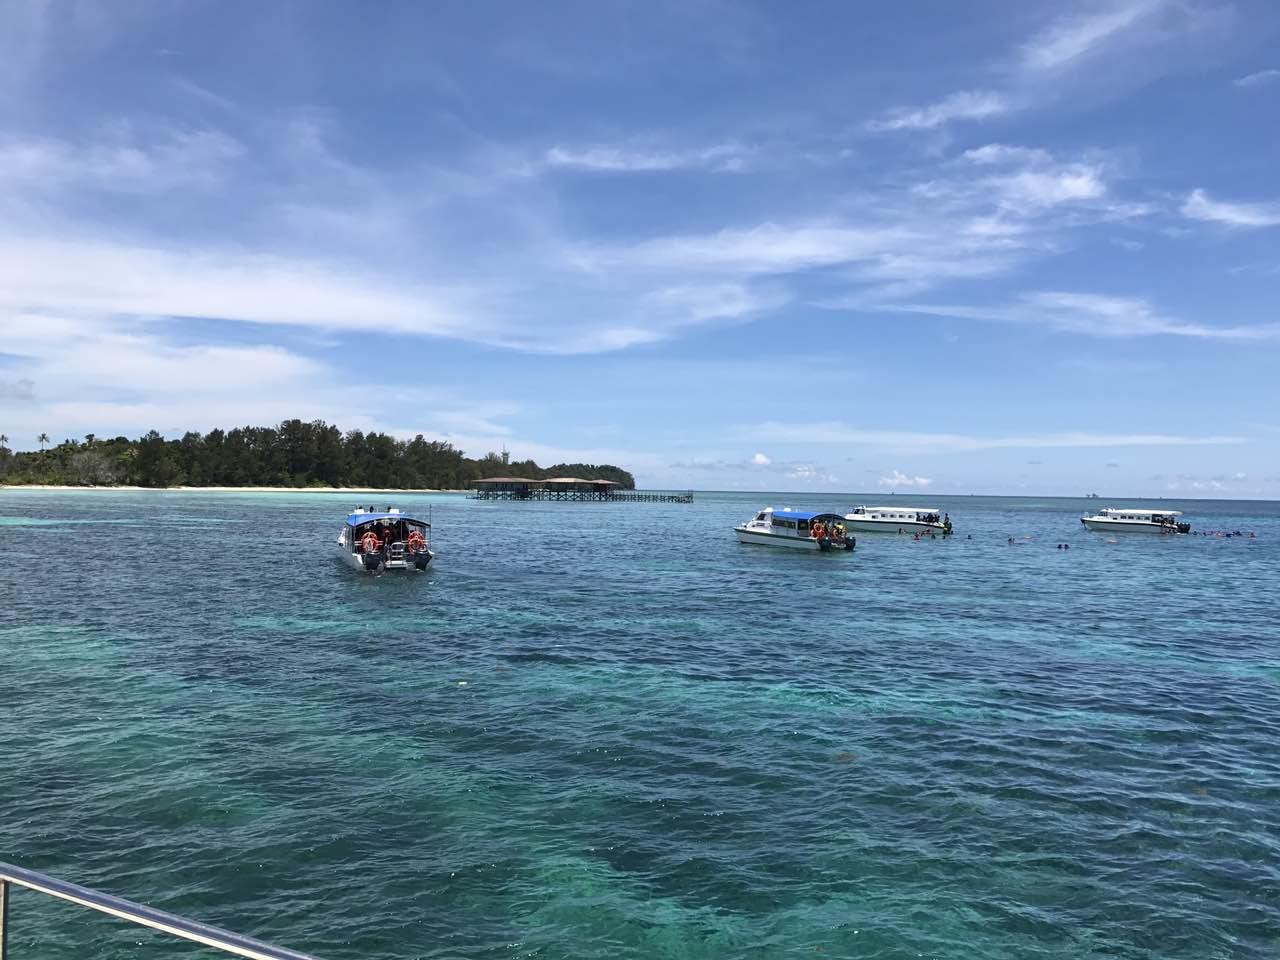 生态环境部第一艘专业海洋生态环境监测船出海